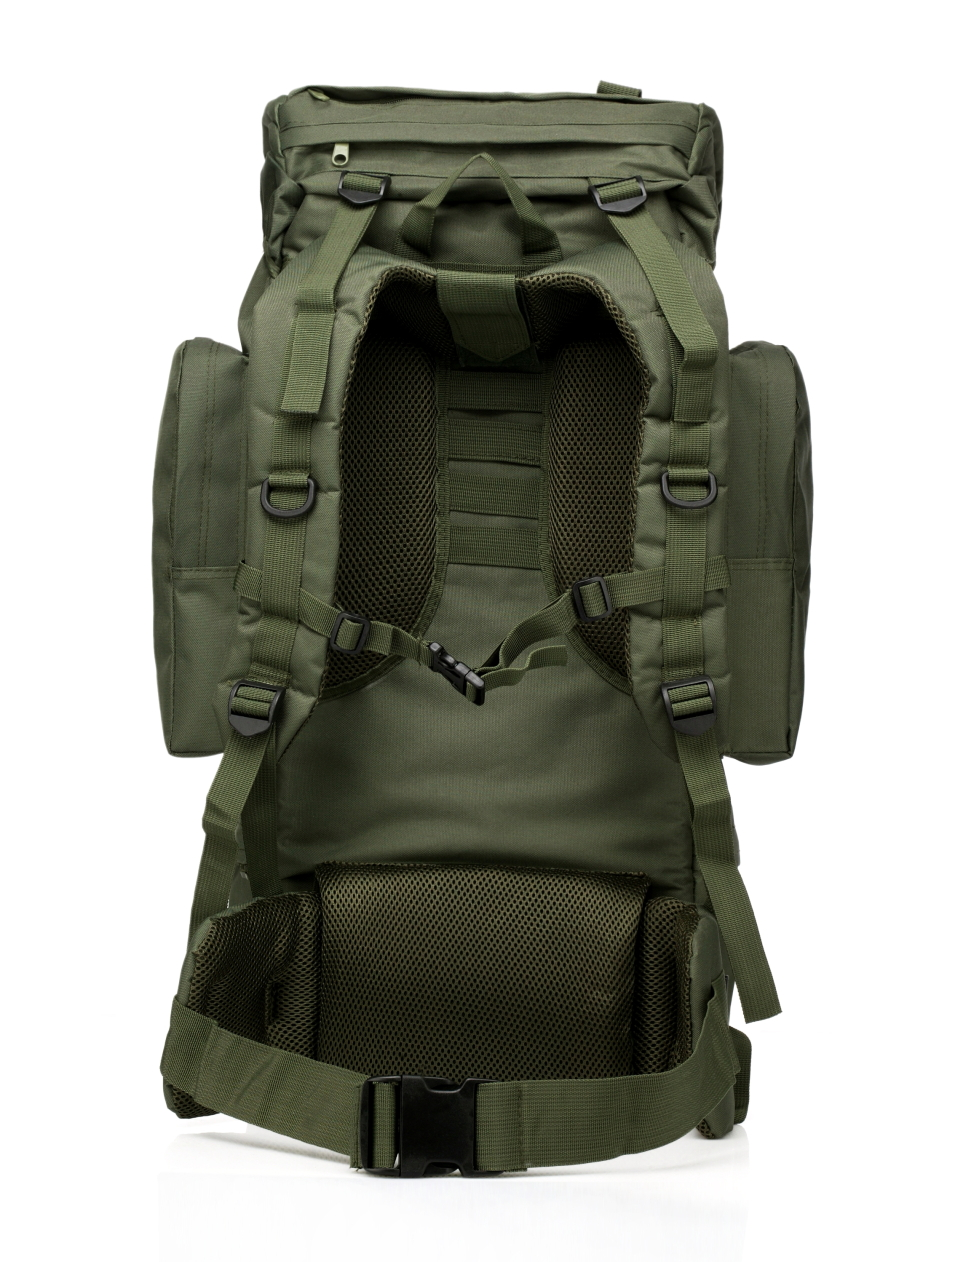 Армейский тактический рюкзак с в нашивкой Пограничной службы - купить по лучшей цене